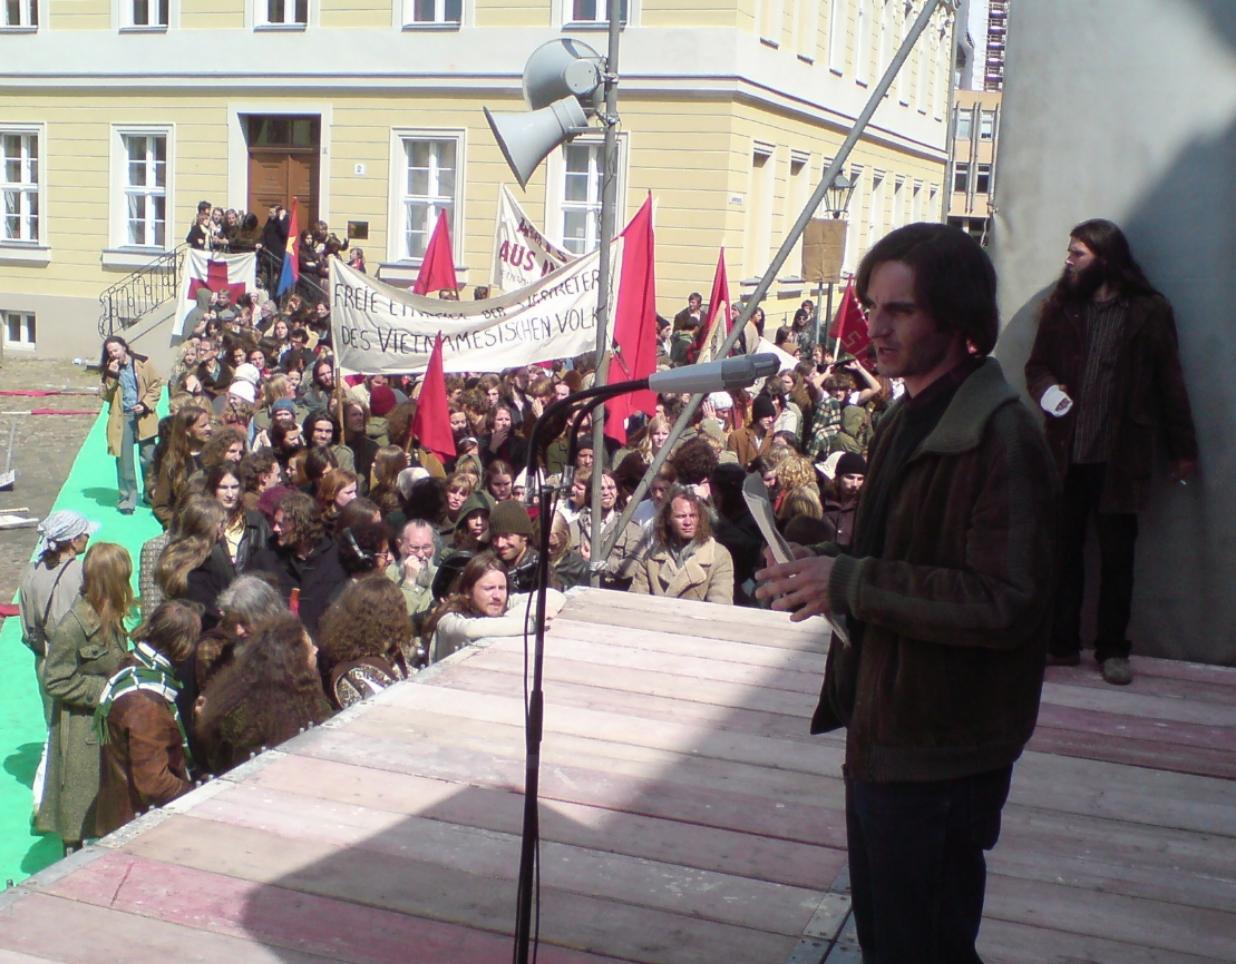 Rudi (Christoph Bach) übt seine Ansprache.  Foto: Marc Zwinz